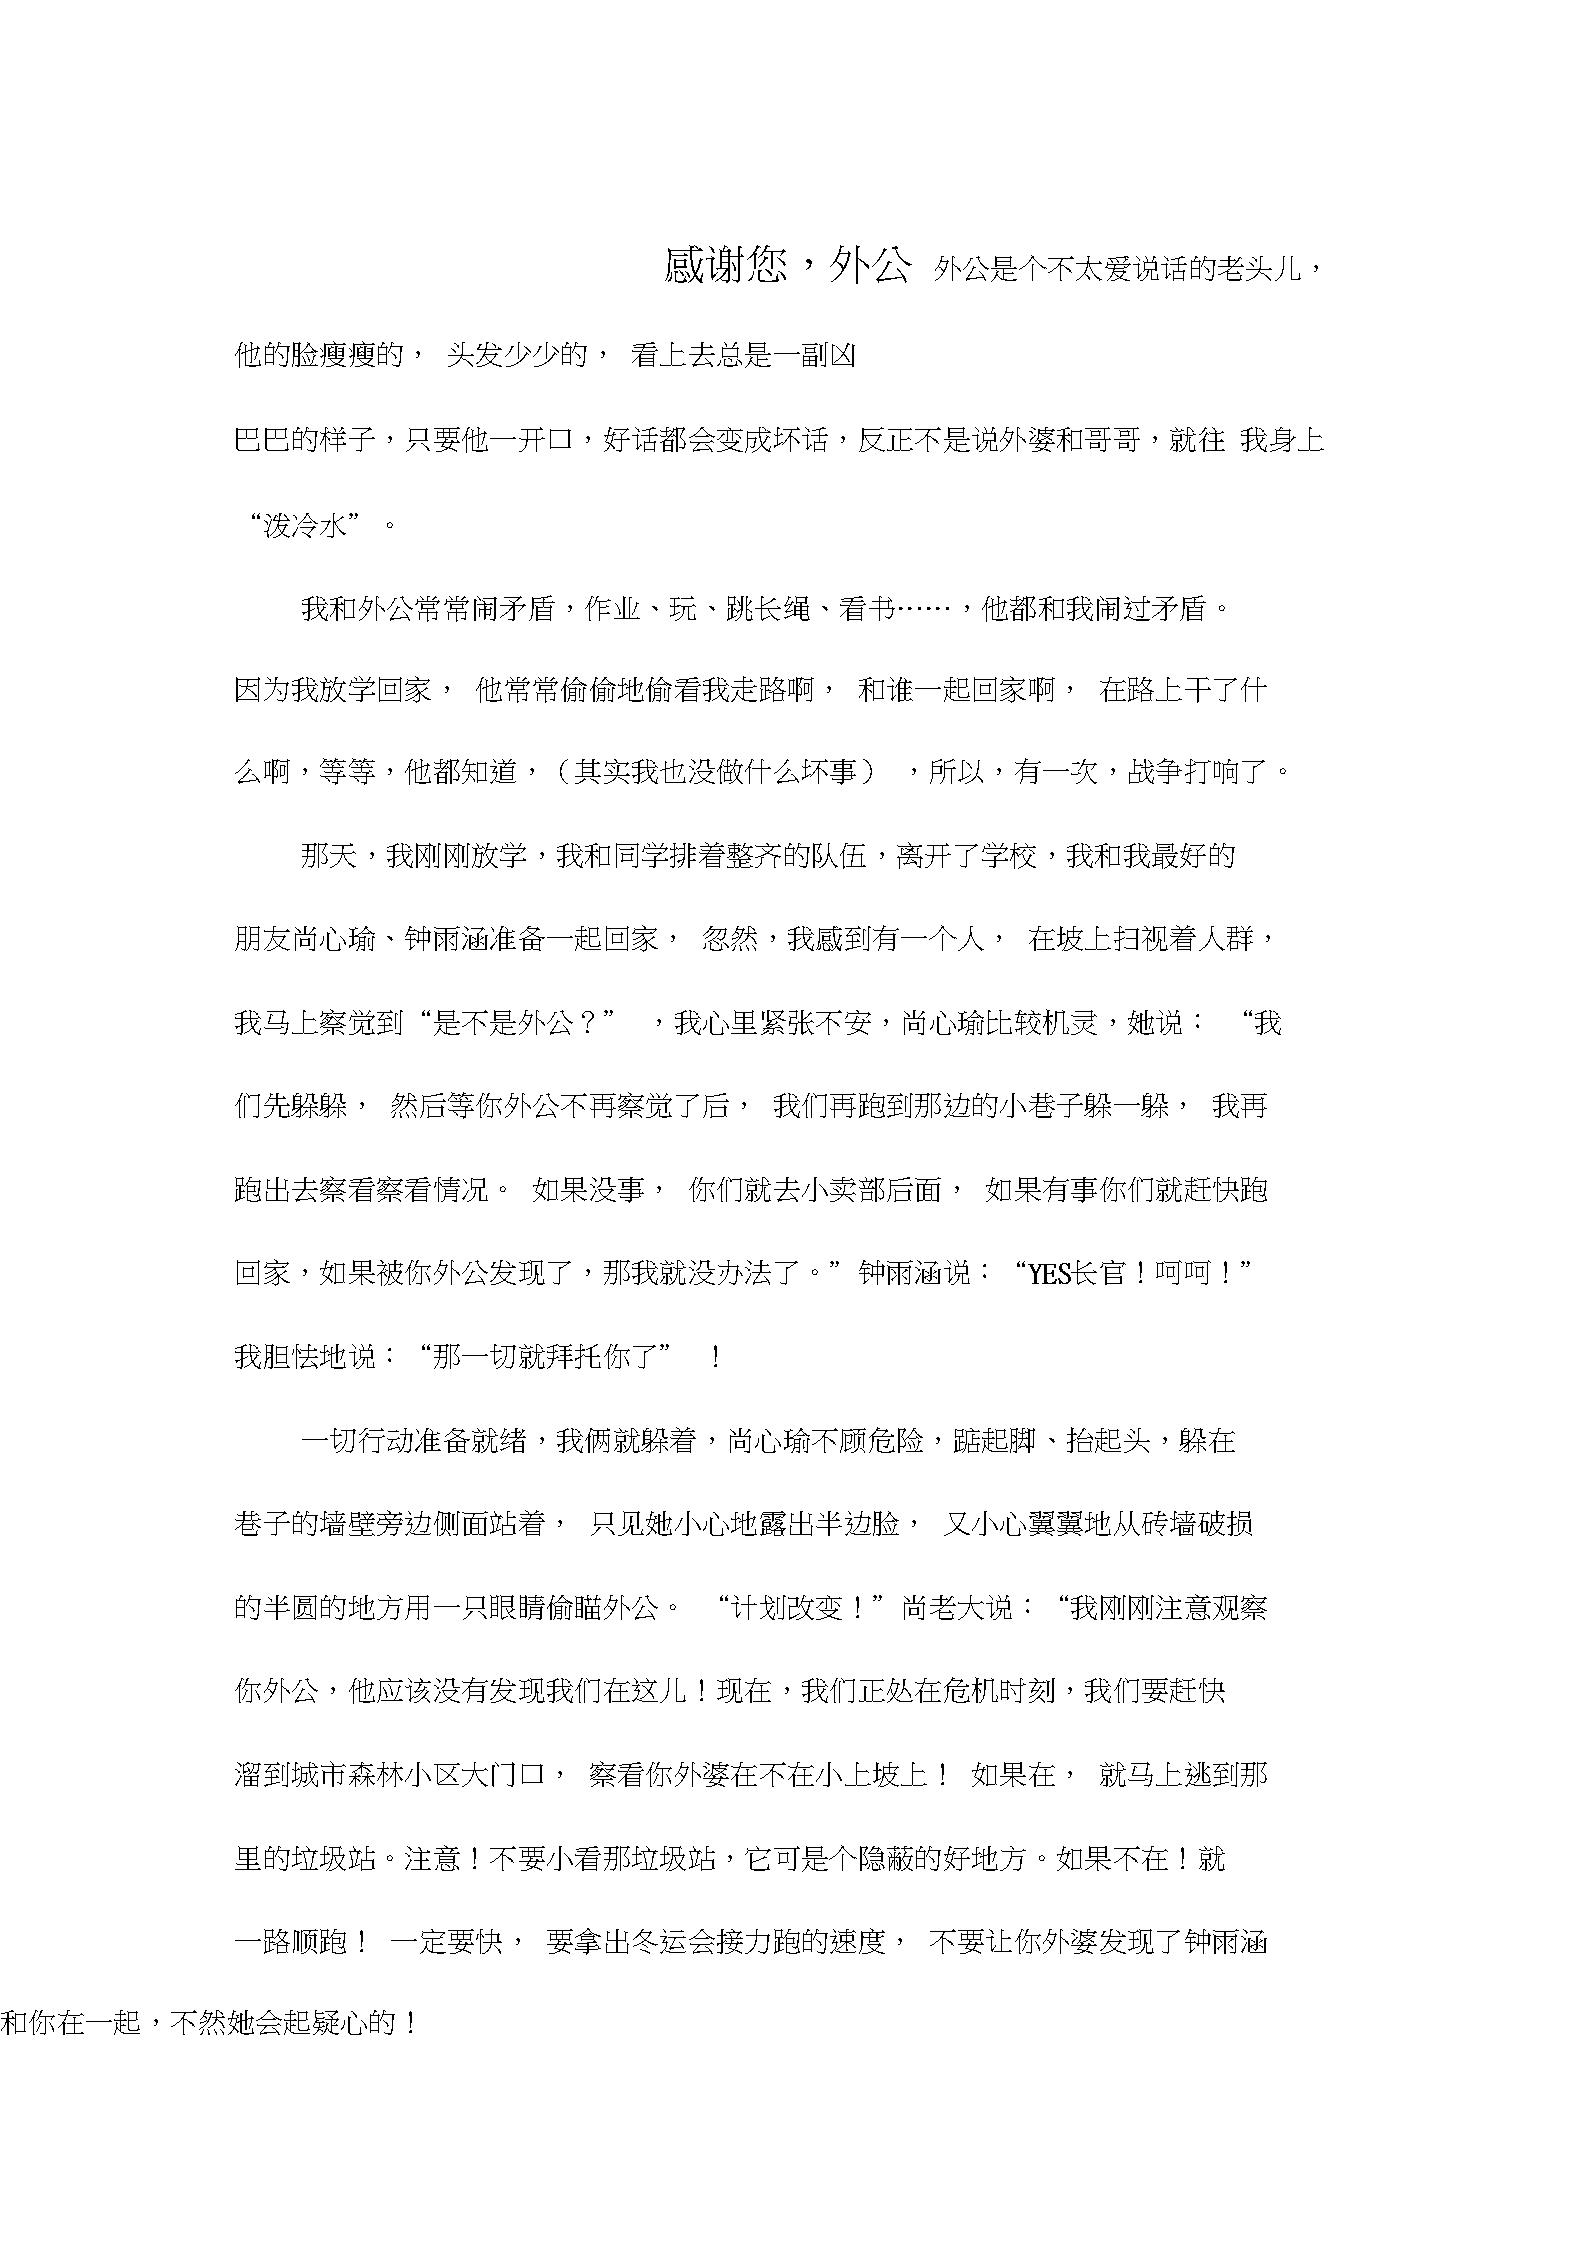 感谢您,外公_小学四年级作文900字.docx